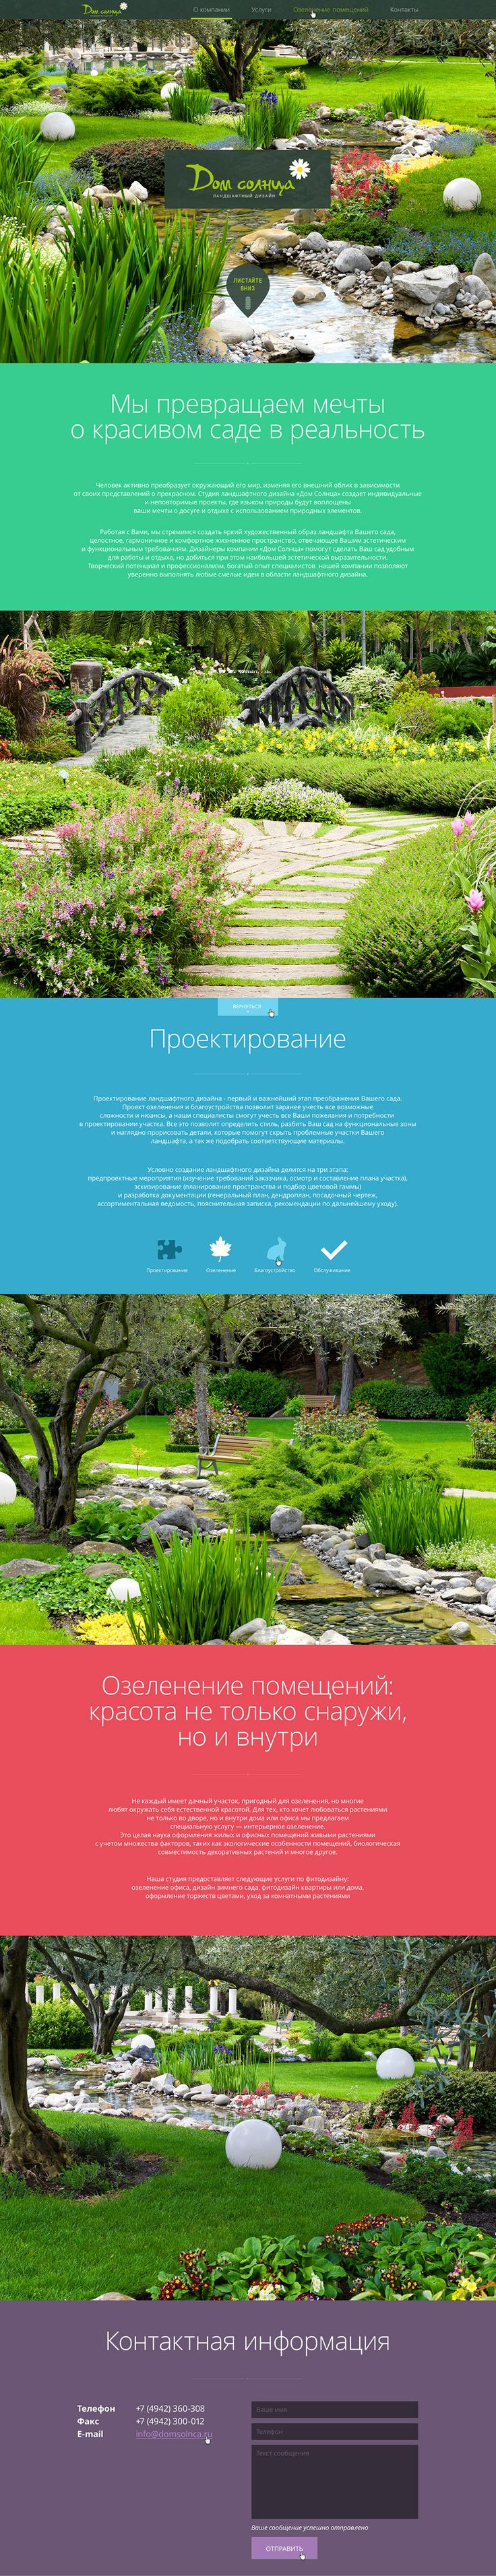 Сайт студии ландшафтного дизайна «Дом солнца»   Дизайн-студия «Медиасеть»